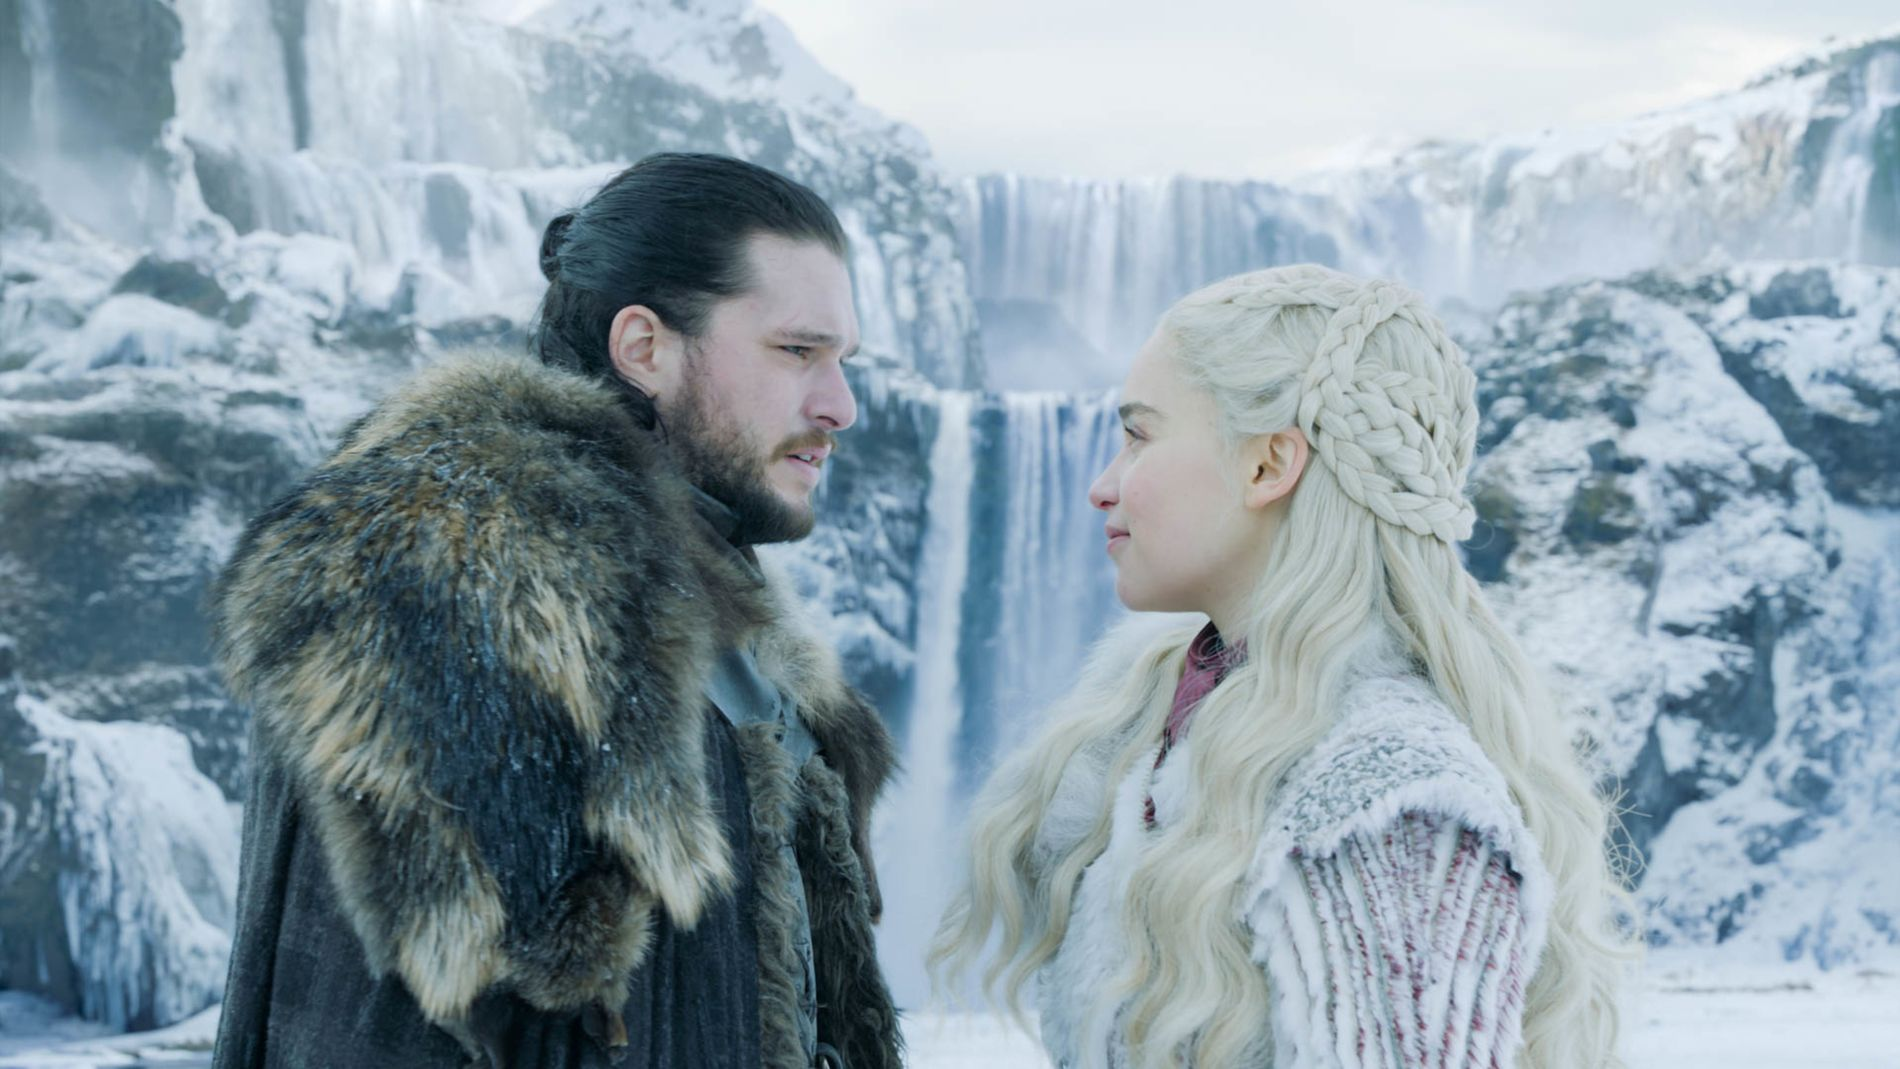 FAMILIEPAR: Jon Snow og Daenerys Targaryen i første episode av sesong 8.